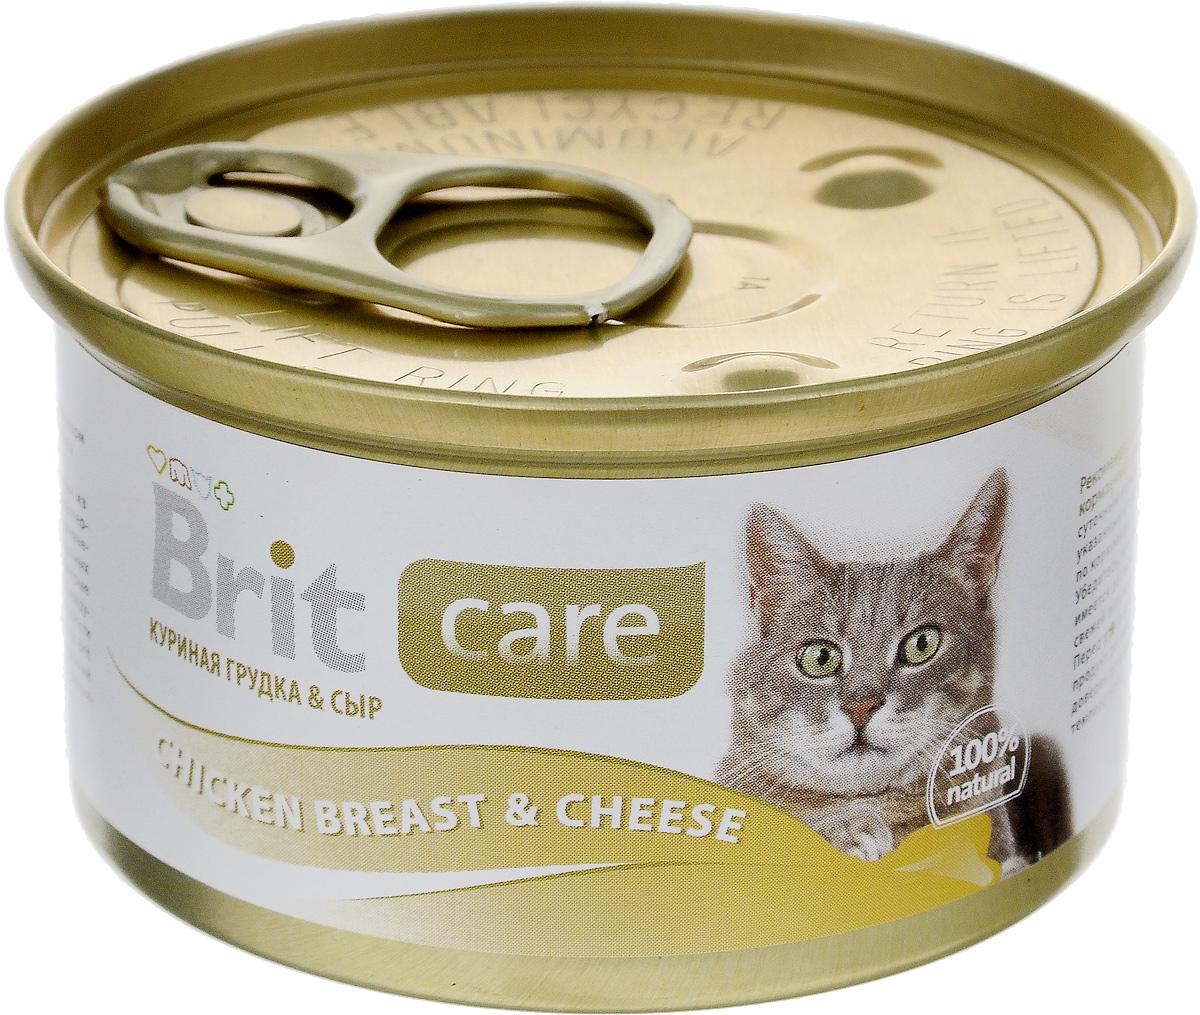 Консервы для кошек Brit Care, с куриной грудкой и сыром, 80 г8594031443018Консервы для кошек Brit Care - влажный корм класса премиум для кошек, с куриной грудкой и сыром. Изготовлен только из натуральных, гипоаллергенных, легко усваиваемых ингредиентов, которые снижают риск индивидуальной непереносимости пищевых продуктов. Корм помогает поддерживать внутренний баланс организма животного, что улучшает качество жизни вашей кошки. Товар сертифицирован.